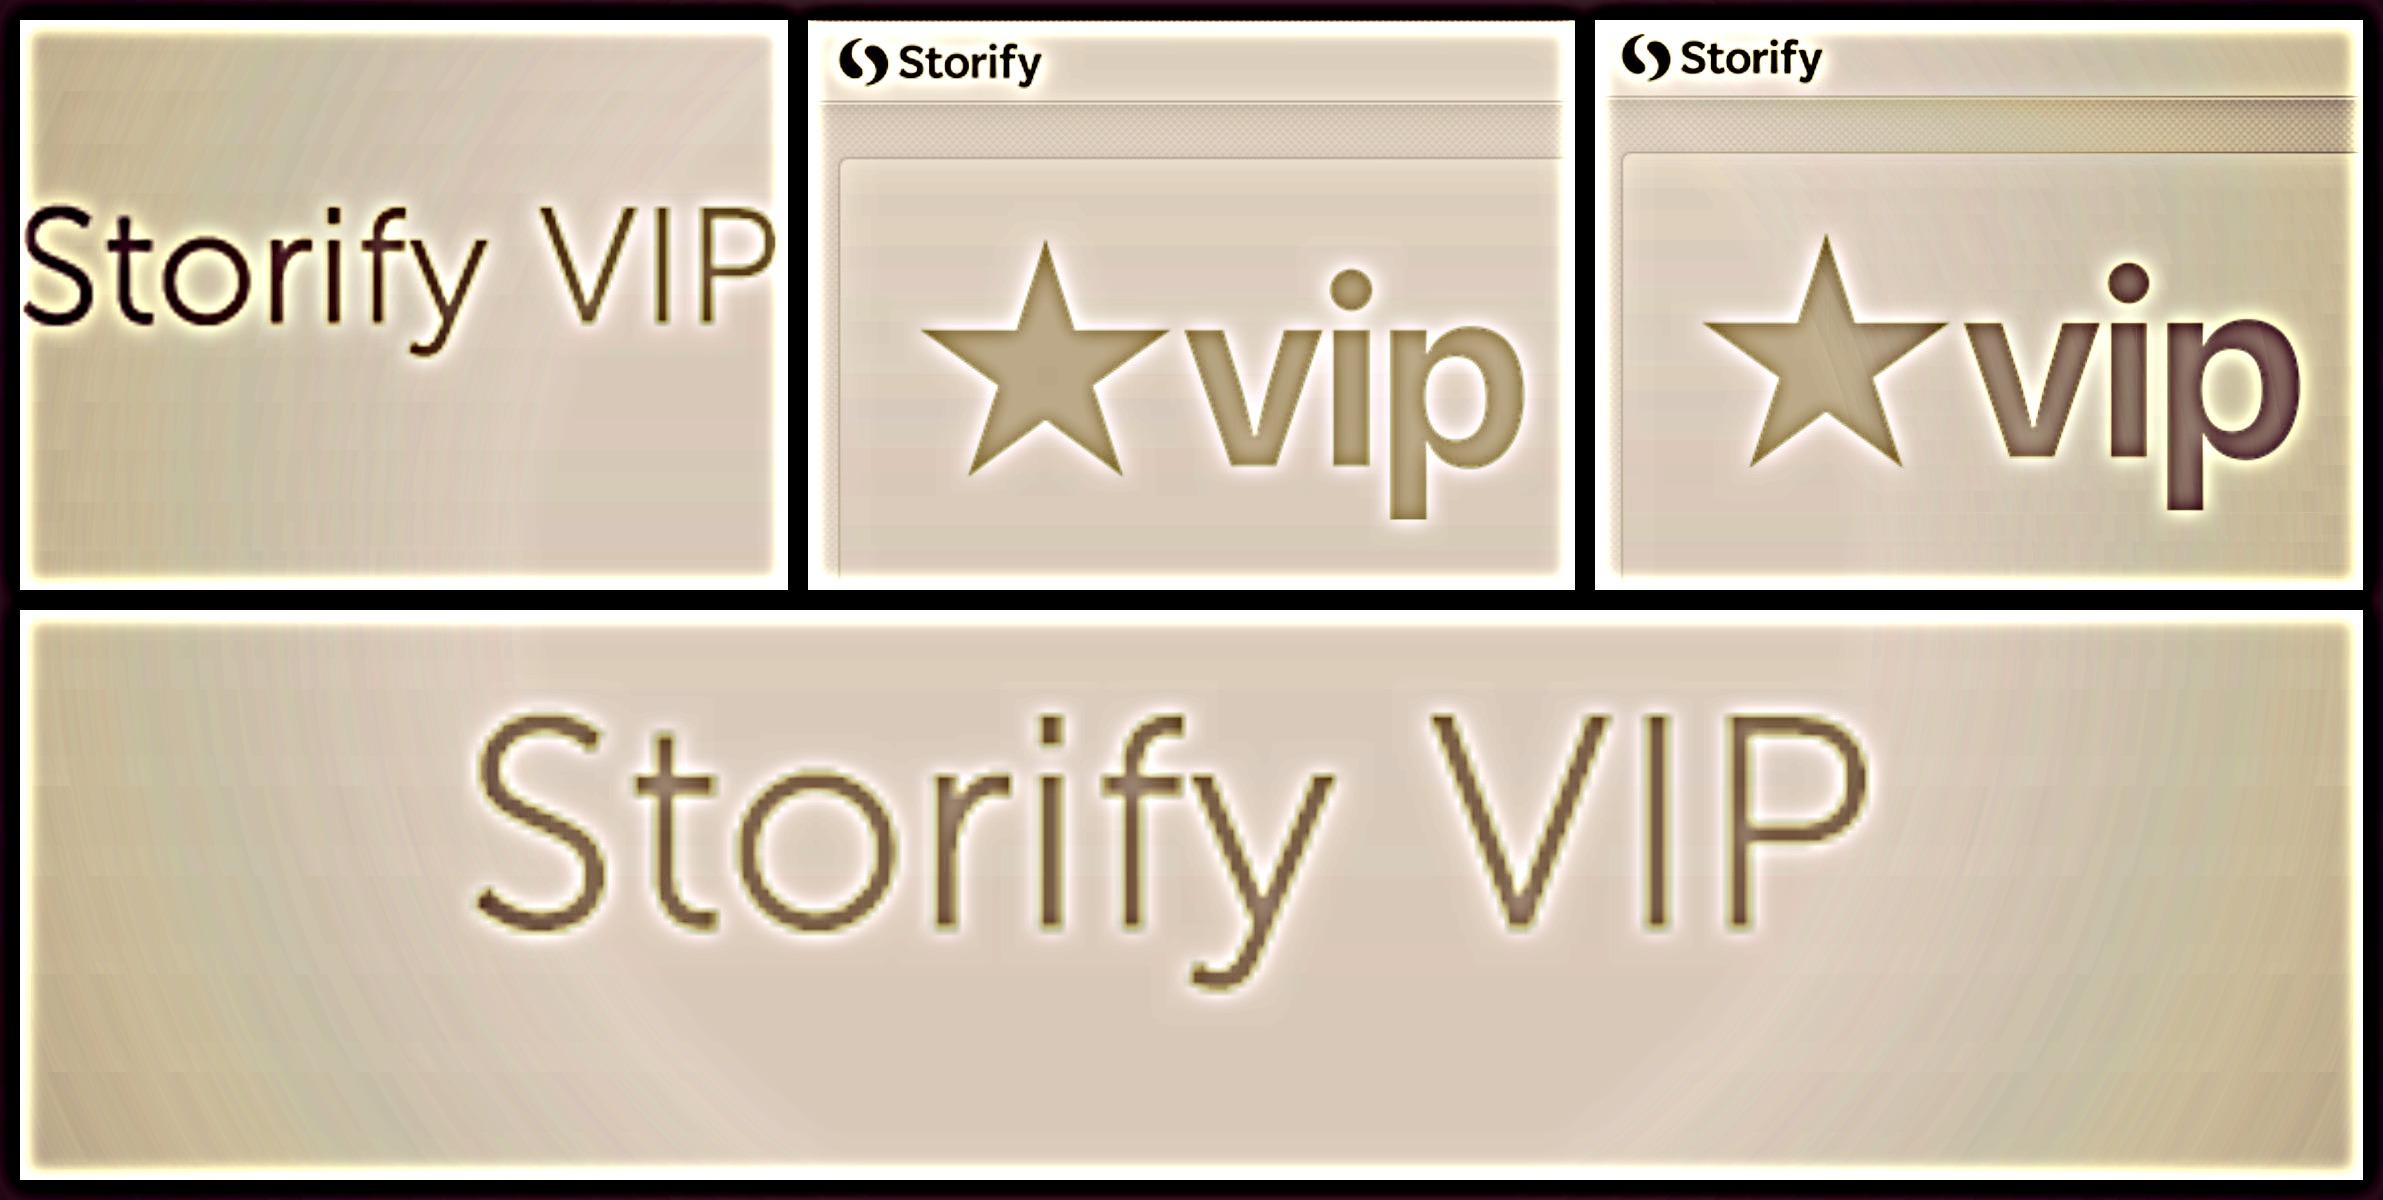 VIP STORIFY